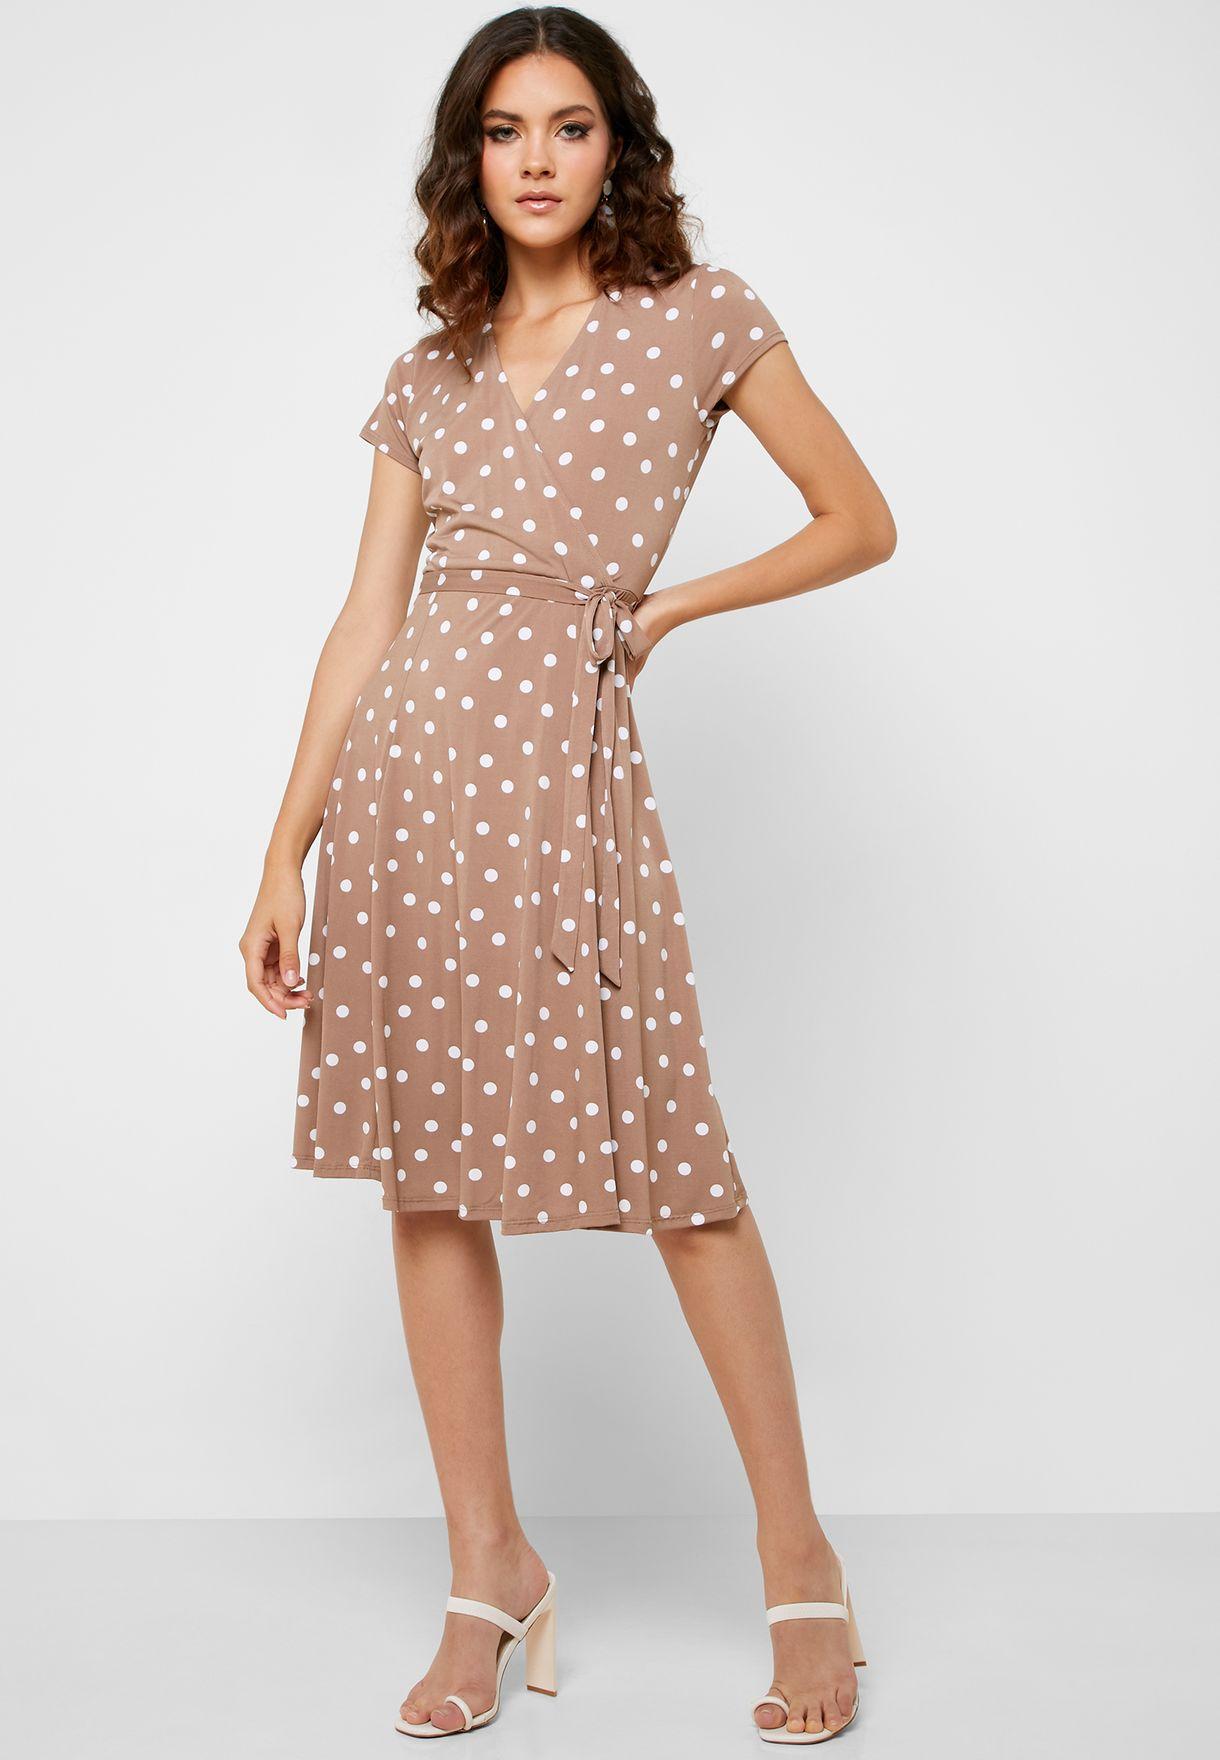 Spot Print Wrap Dress